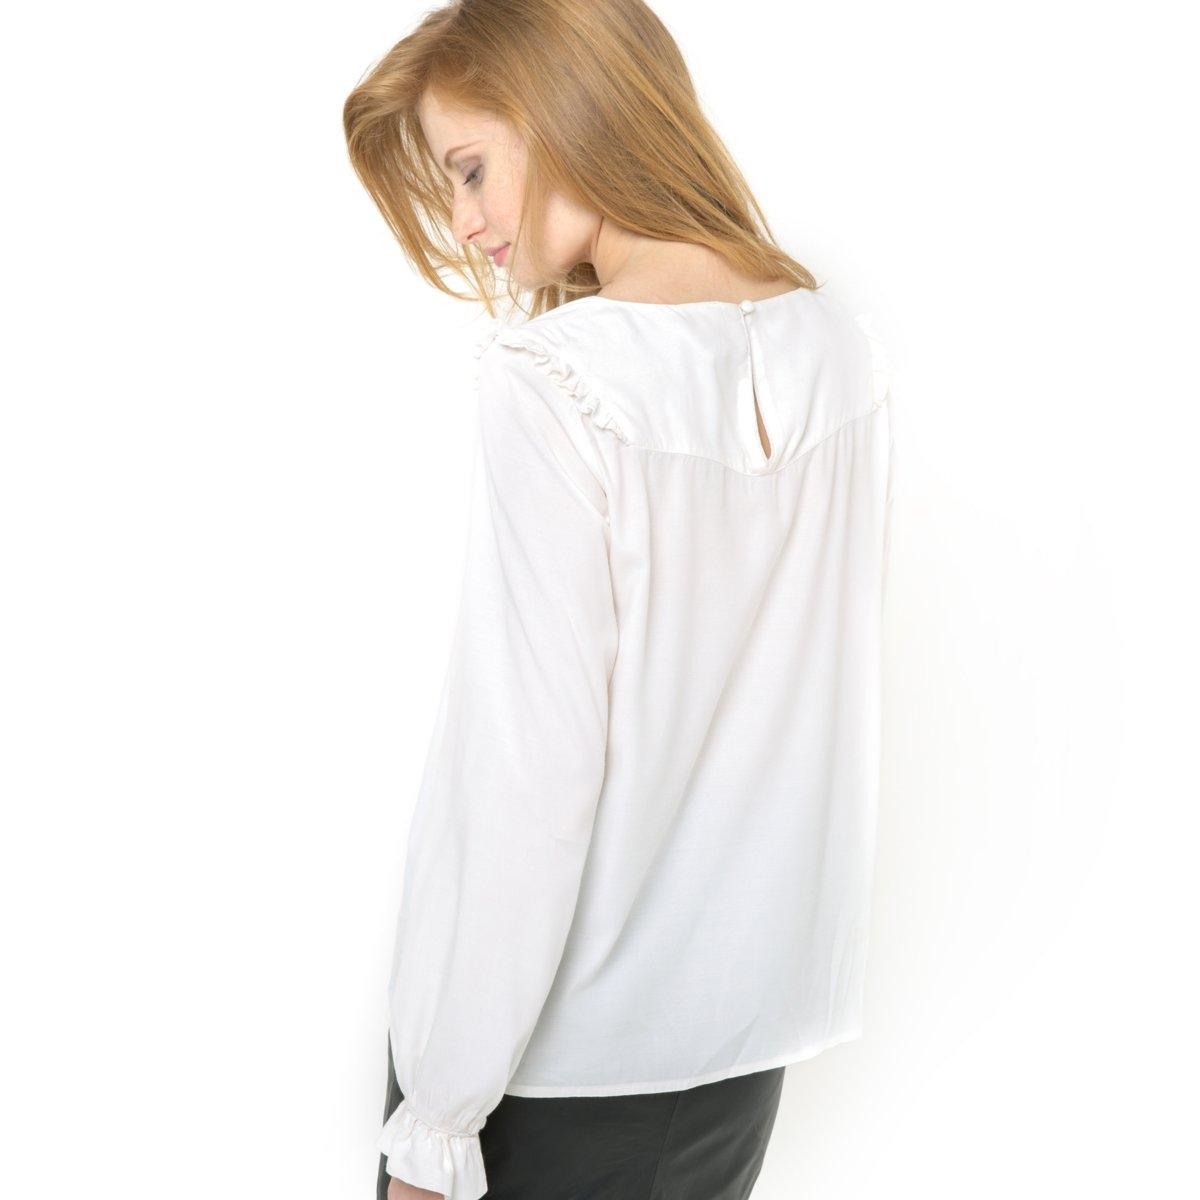 цены на Блузка с воланами и длинными рукавами в интернет-магазинах